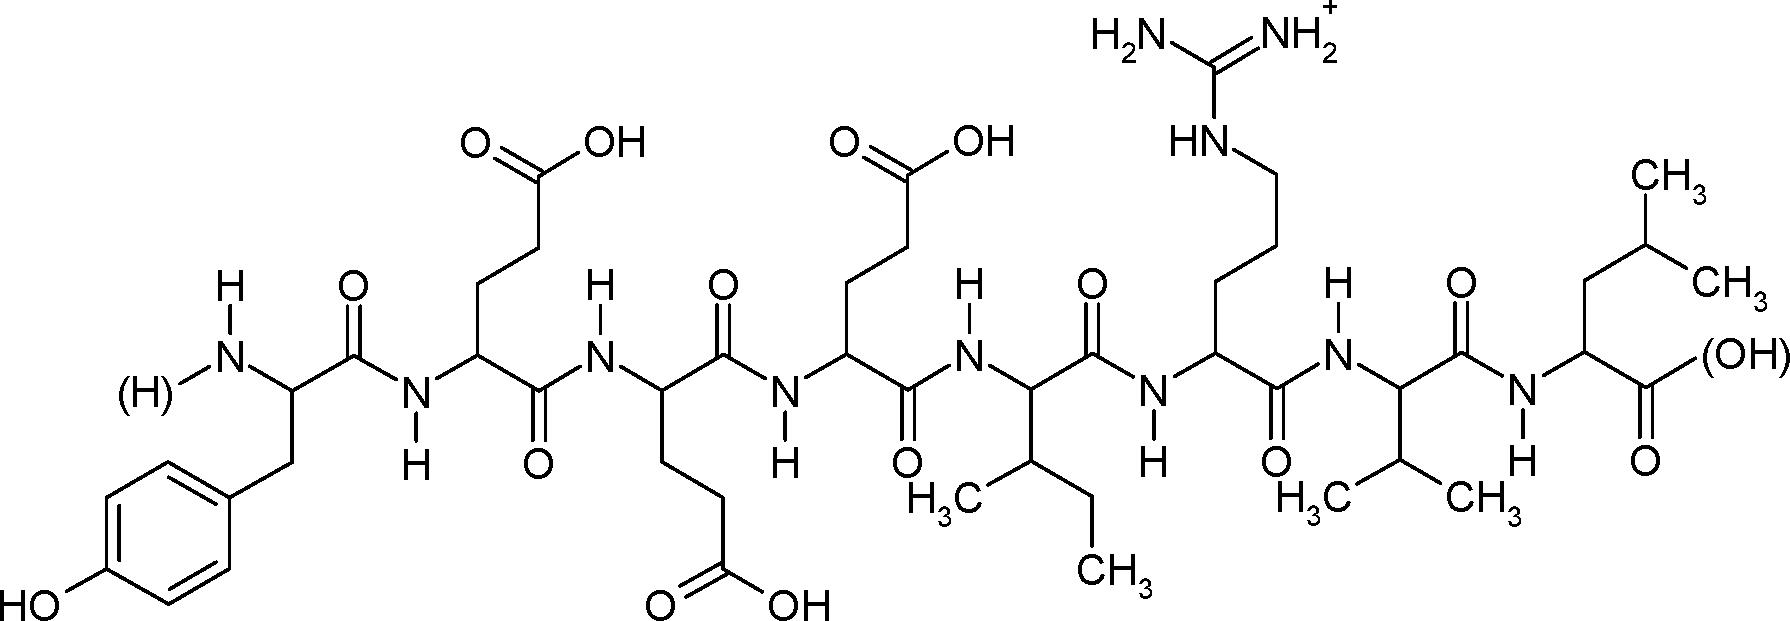 Figure DE102015223847A1_0016